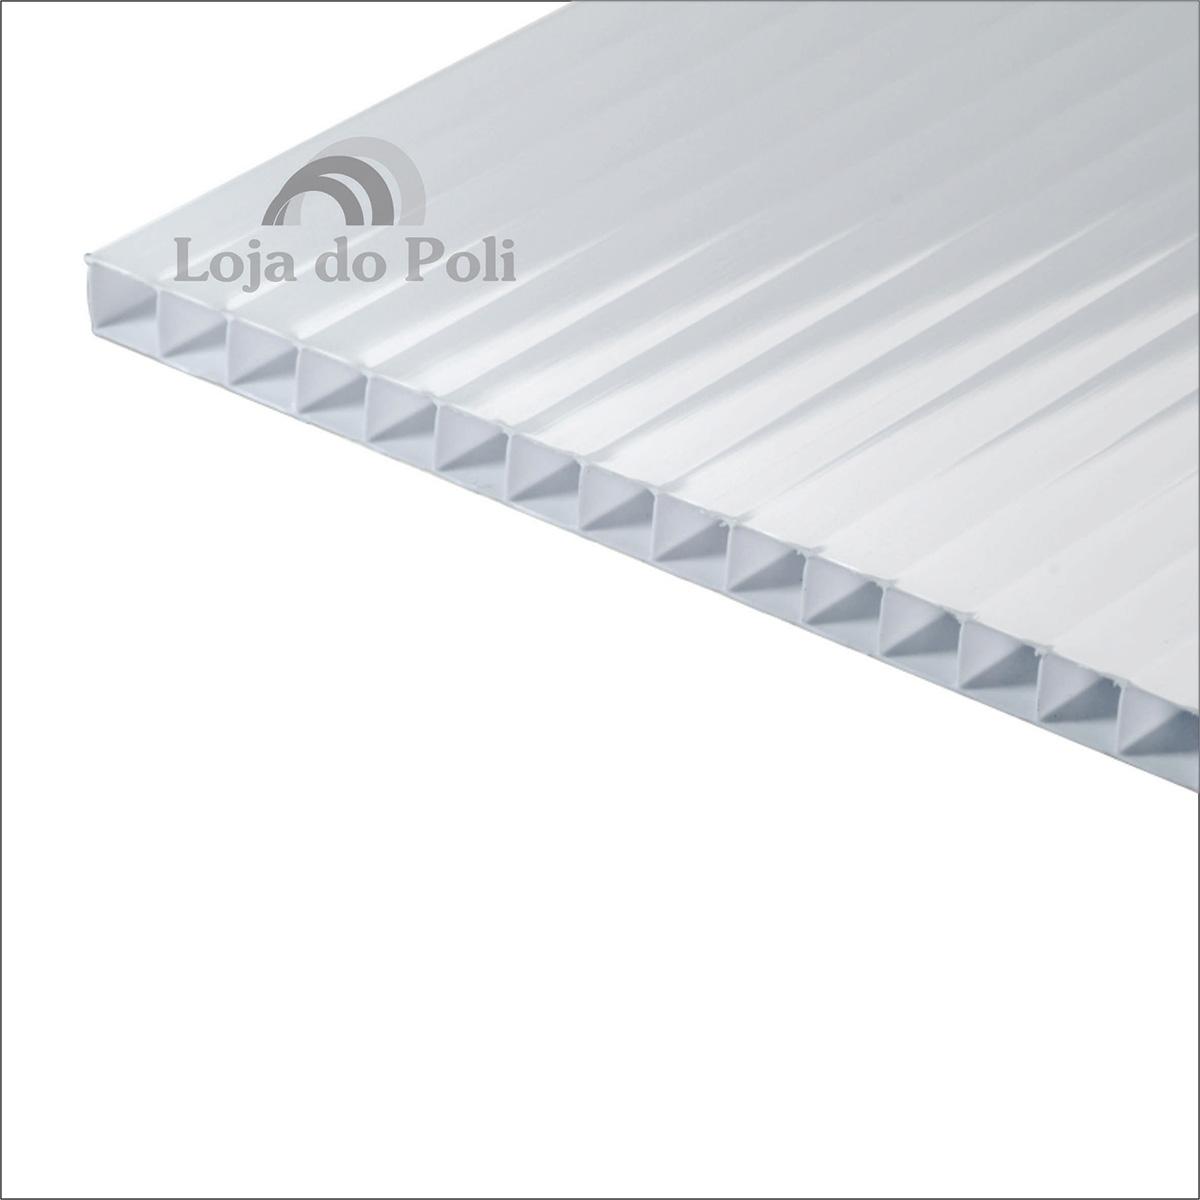 Chapa Policarbonato Alveolar Branco 6mm 1,0x6,0m